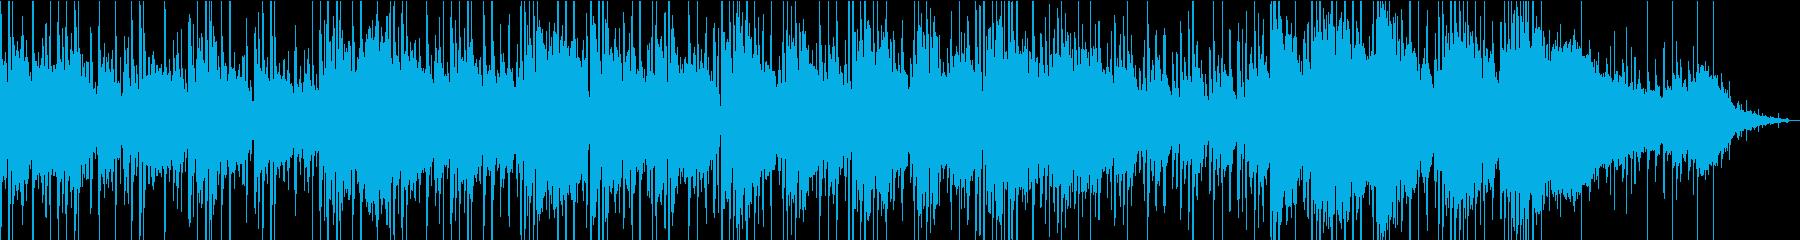 工業用サウンドトラックは、高級車の...の再生済みの波形